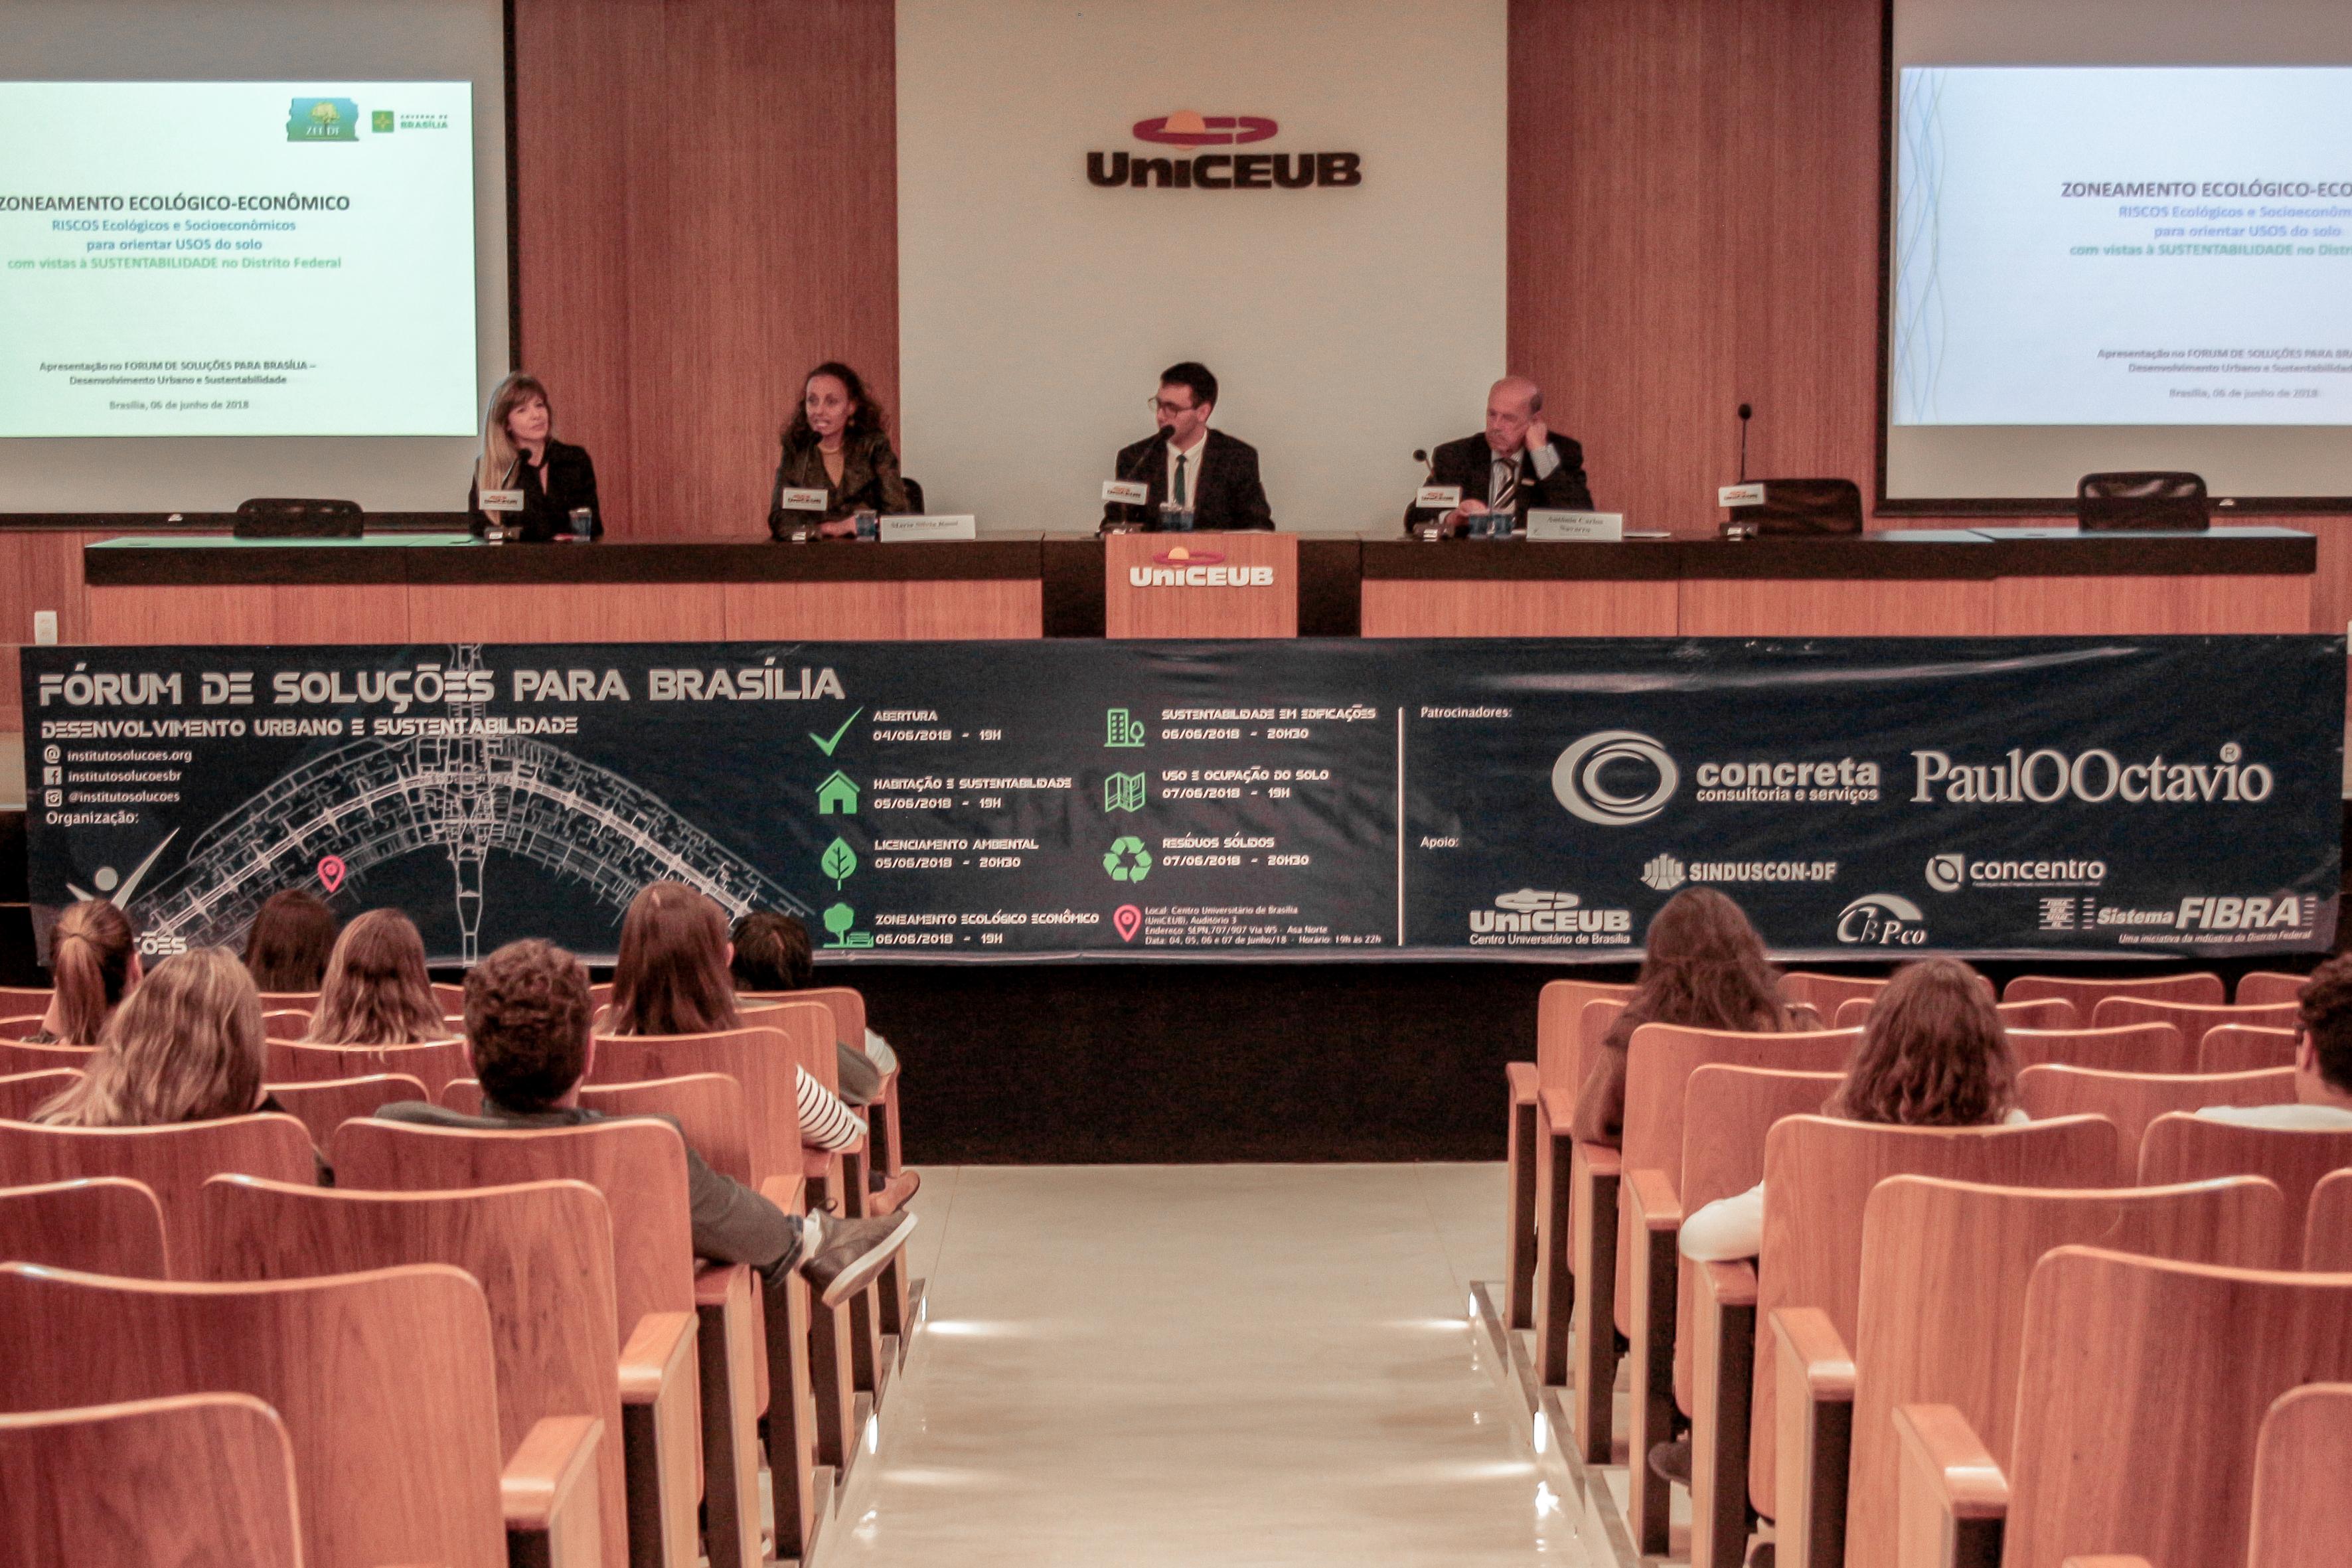 Fórum de Soluções para Brasília - 6 6 2018